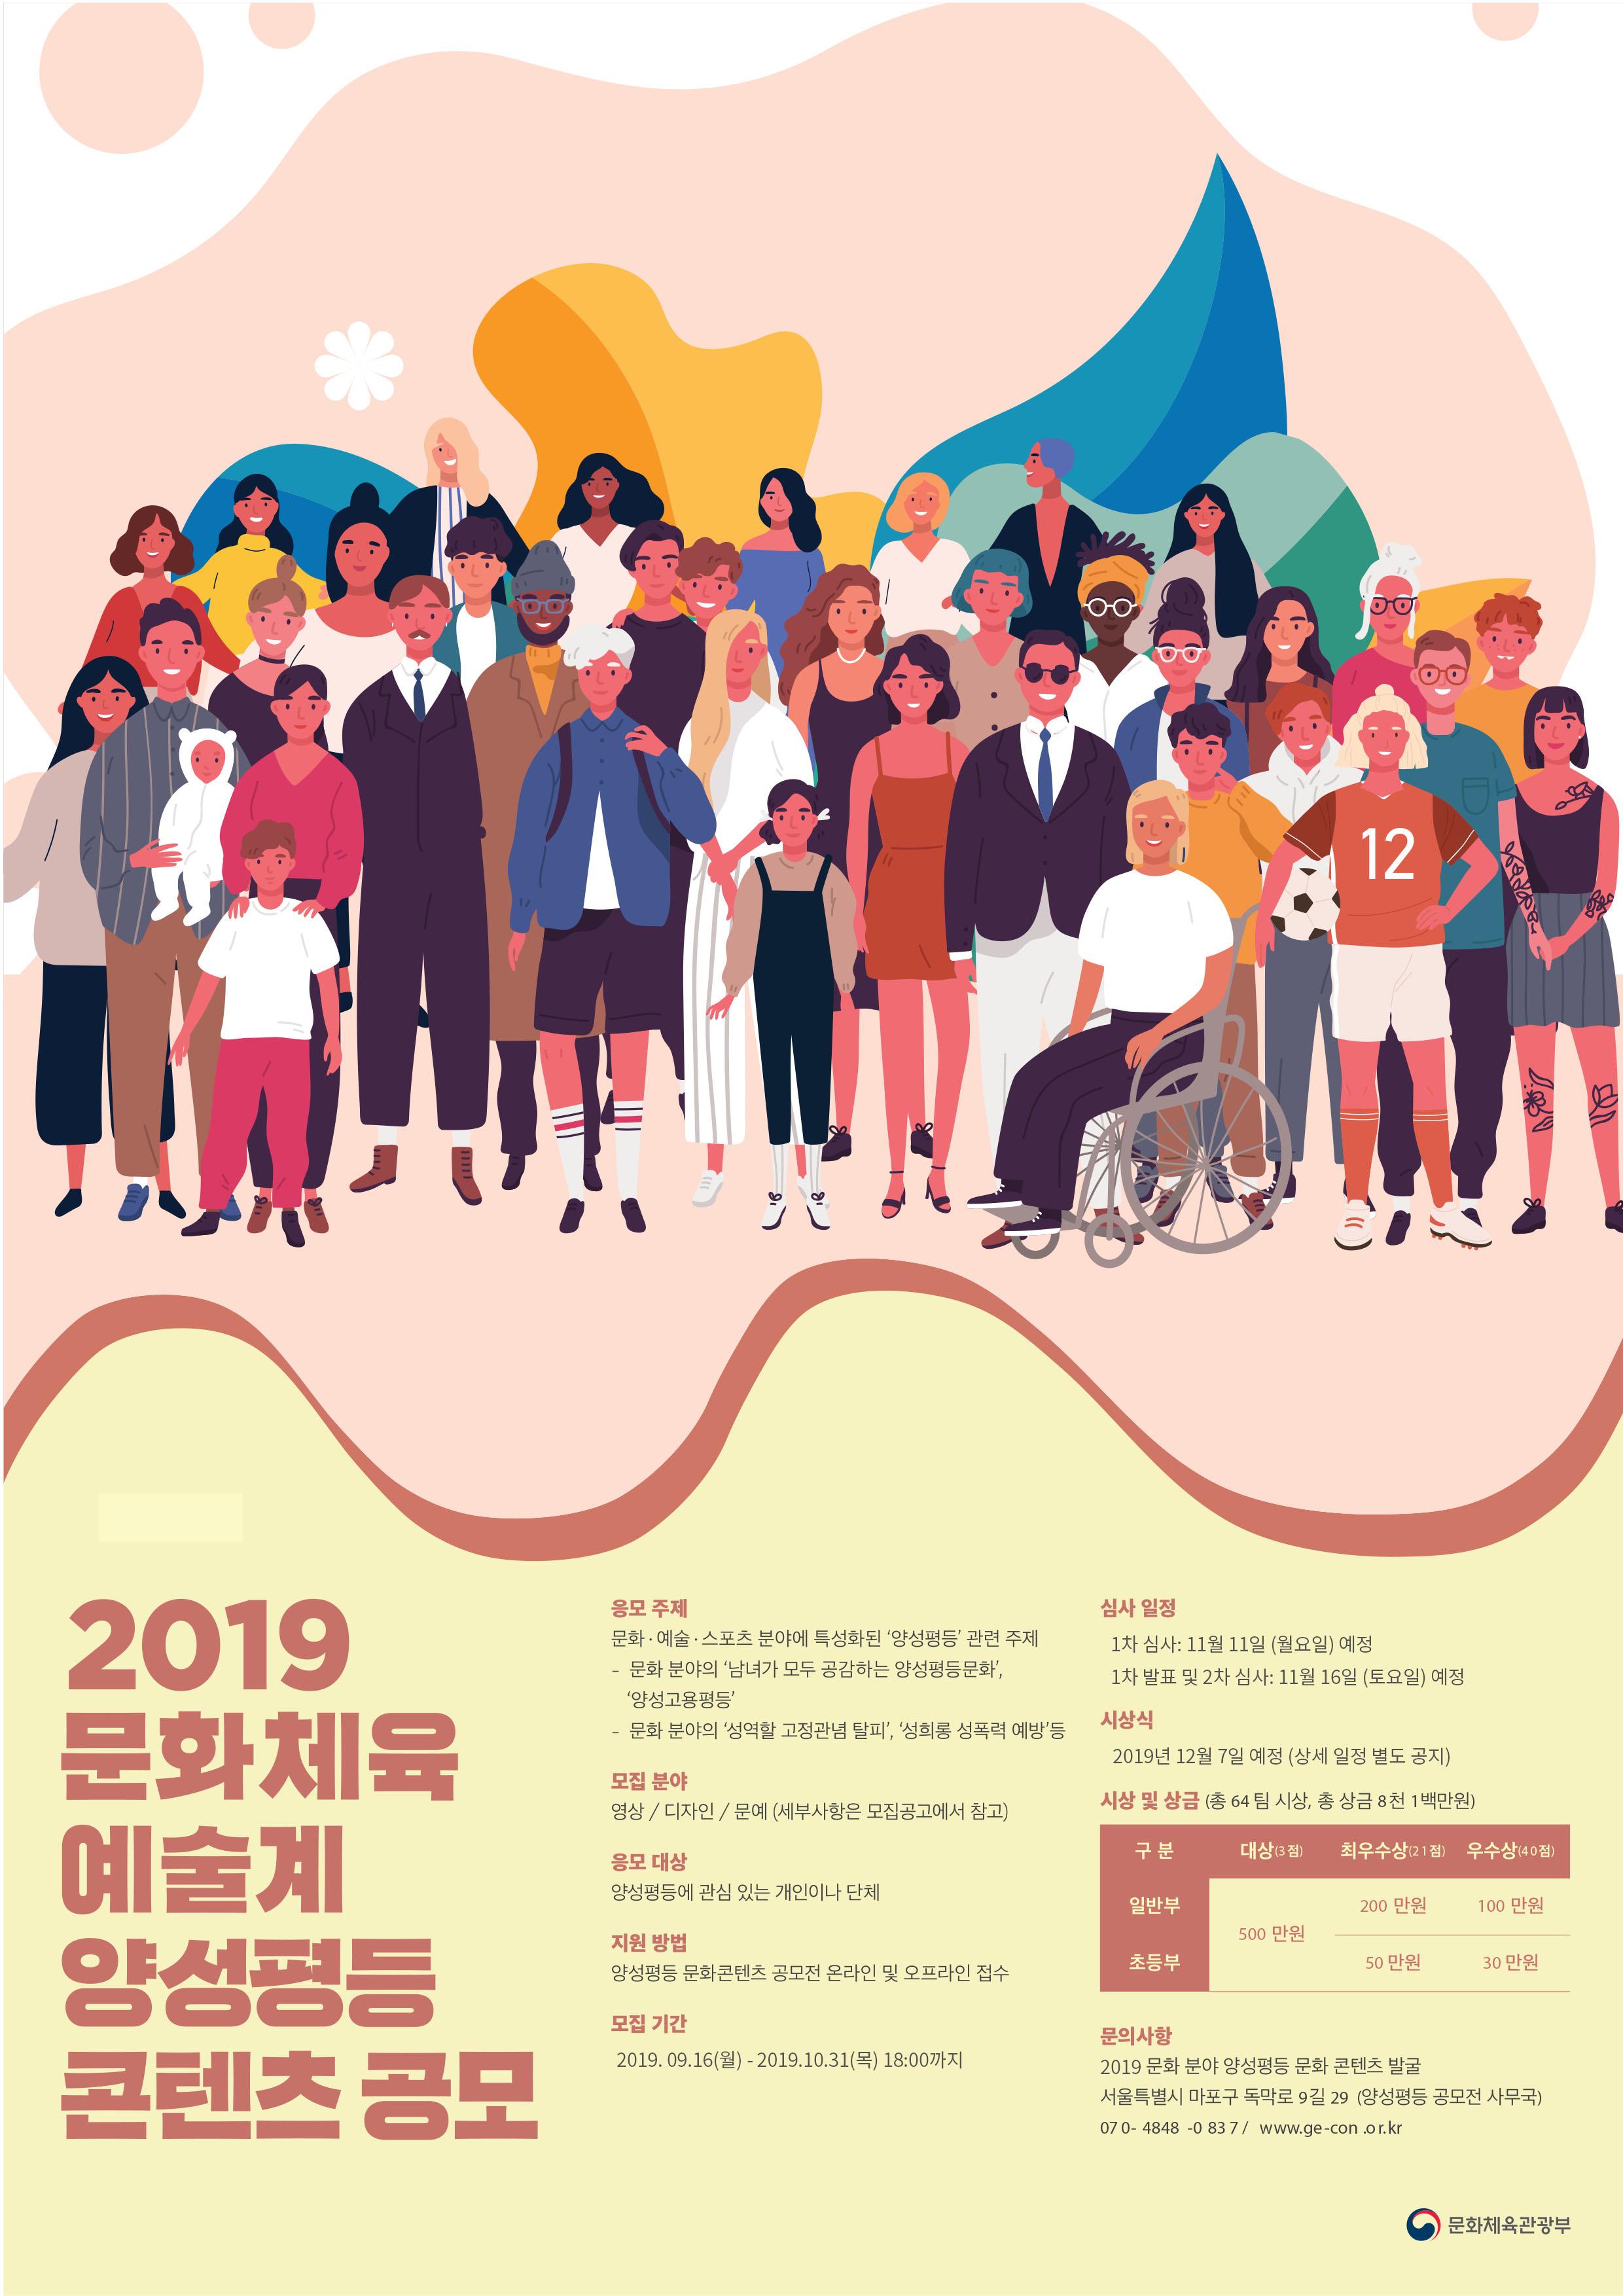 [문화체육관광부] 2019 문화체육예술계 양성평등 콘텐츠 공모전 연장 (~10.31)